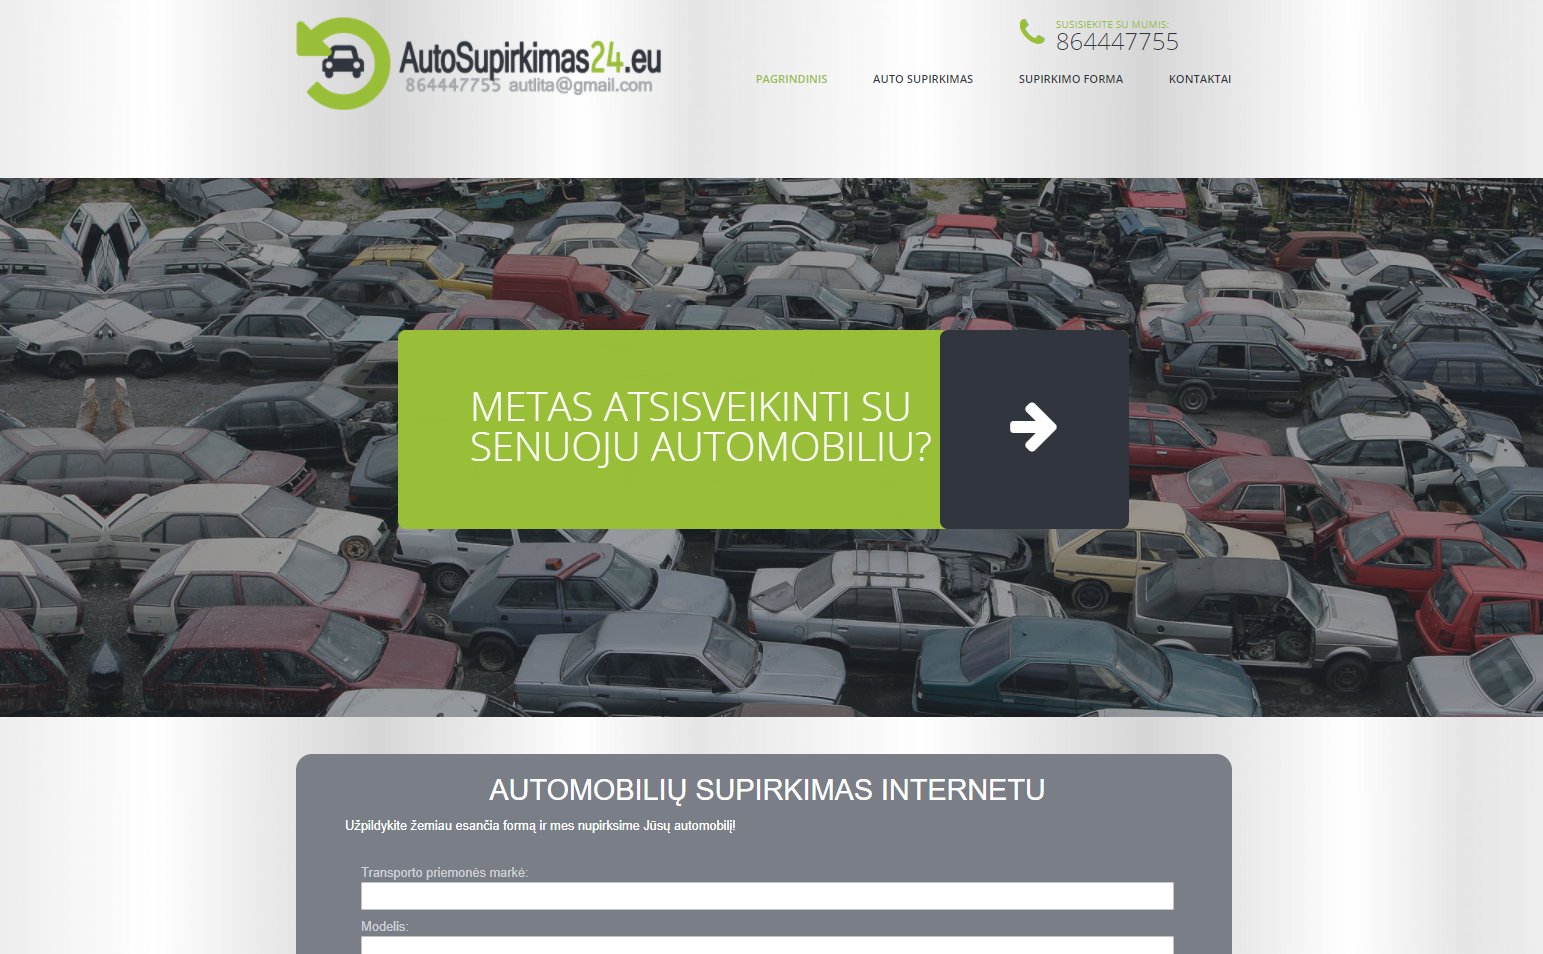 Automobilių supirkimas 24